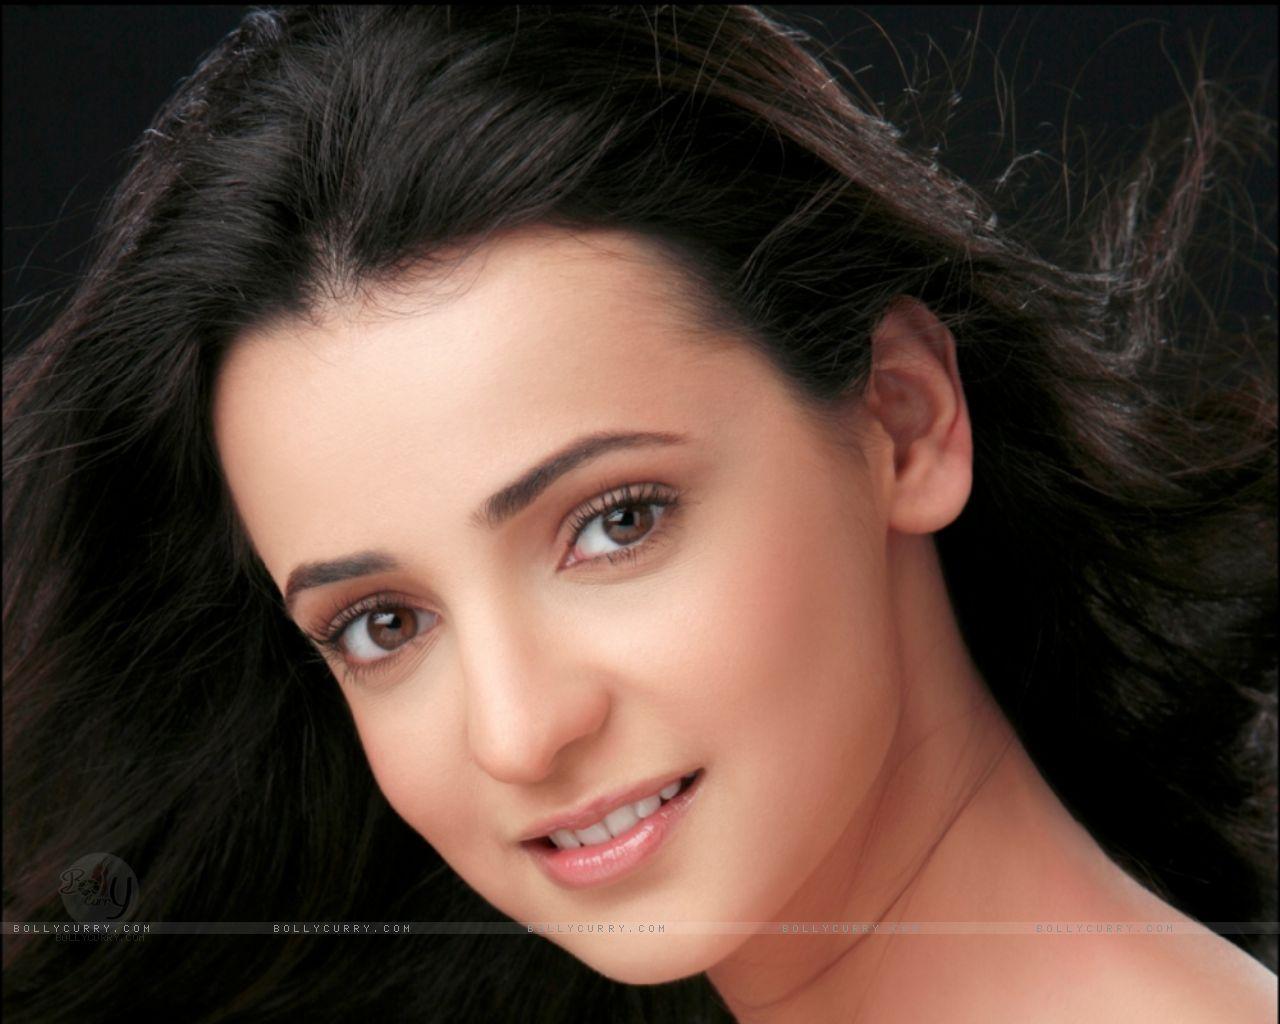 http://4.bp.blogspot.com/-7TahJUG1Y8s/TtDbTAnIYpI/AAAAAAAAHQA/qmjRgk41BL0/s1600/39205-sanaya-irani.jpg